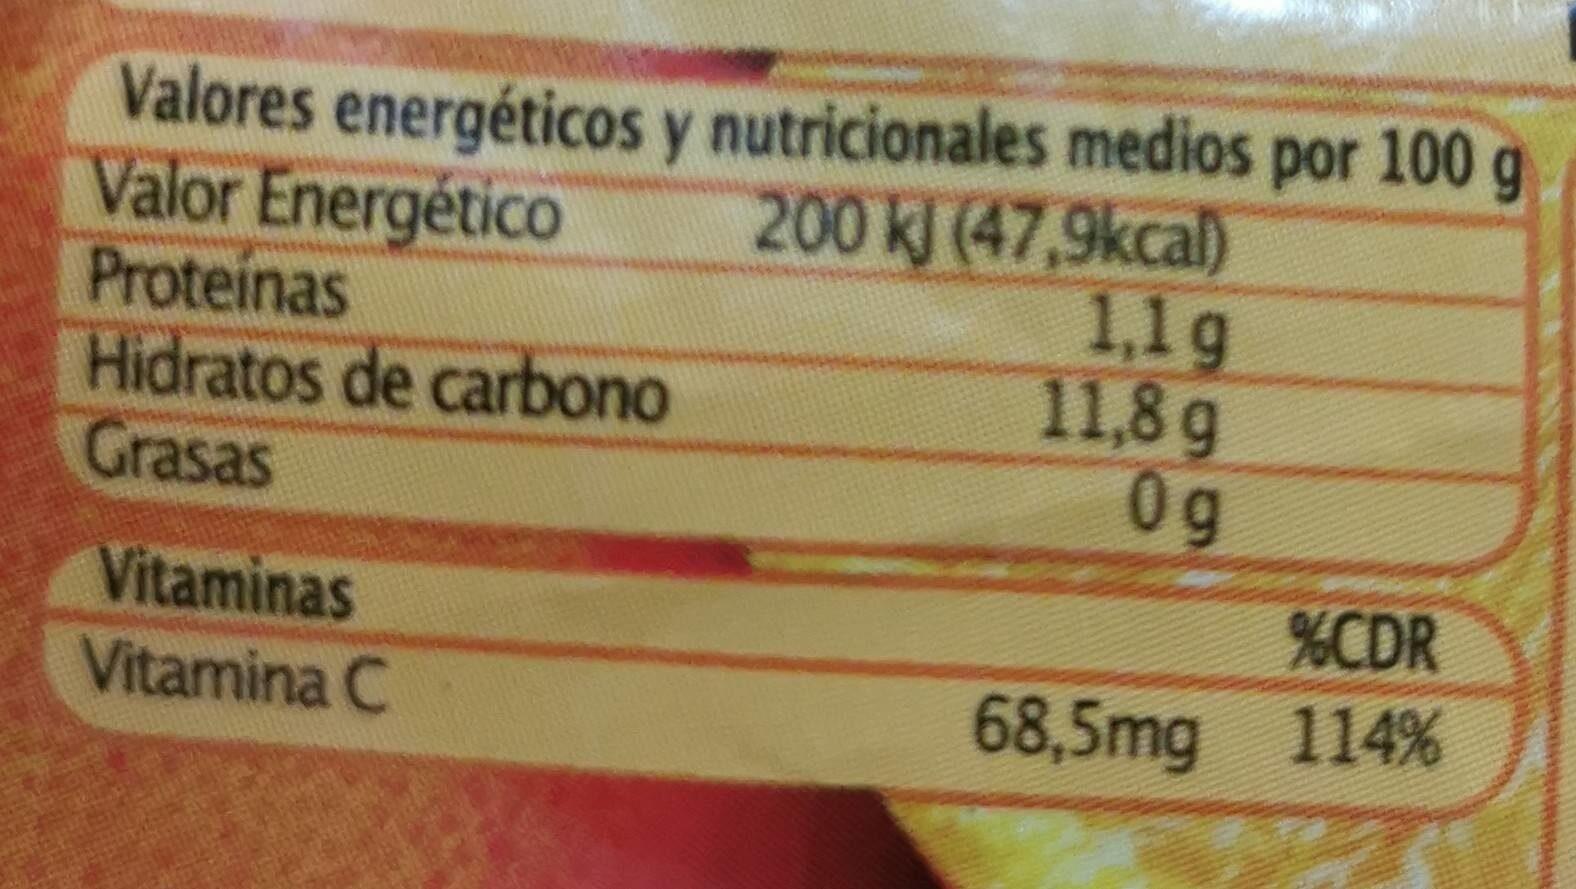 Naranjas - Información nutricional - es